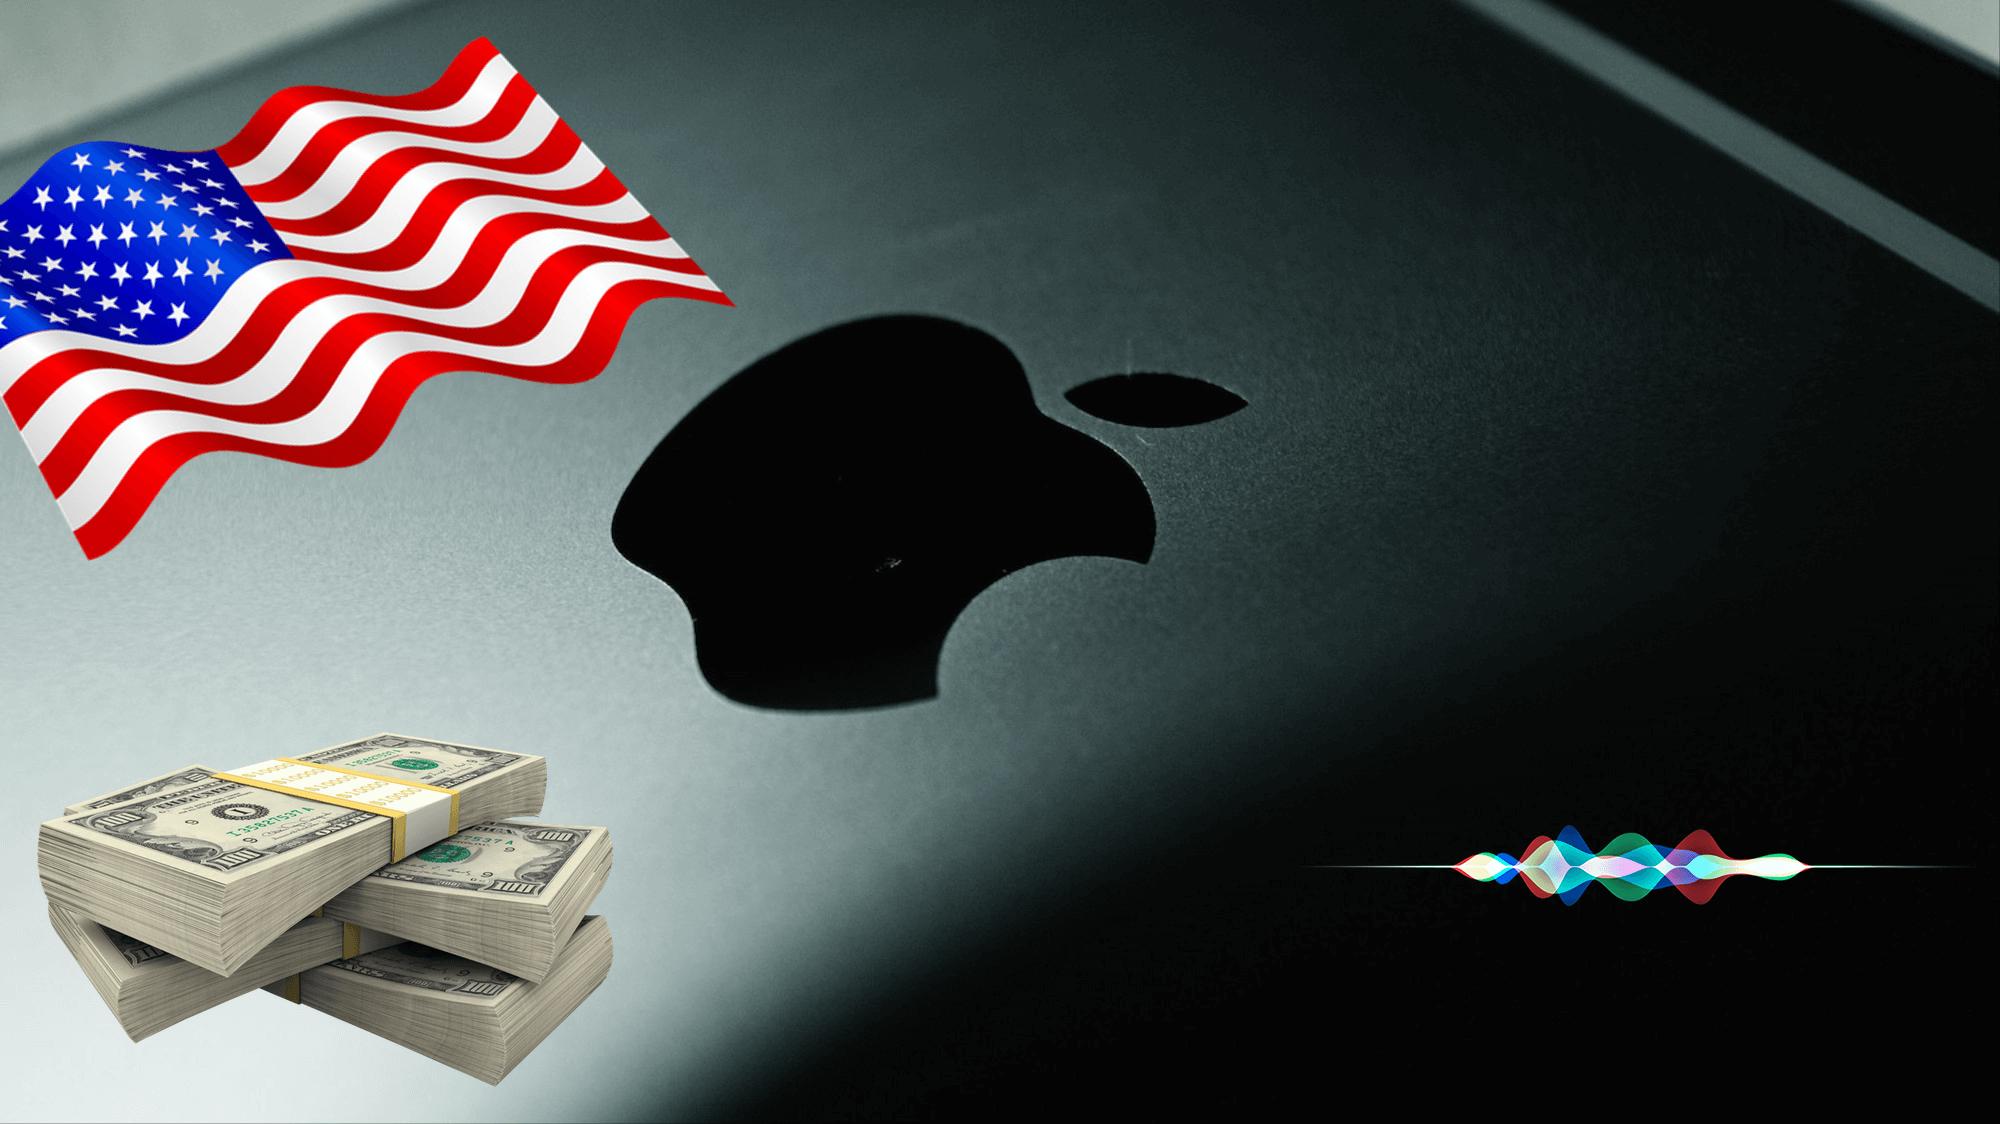 Американский айфон, прослушка Siri и деньги Apple: главное на этой неделе